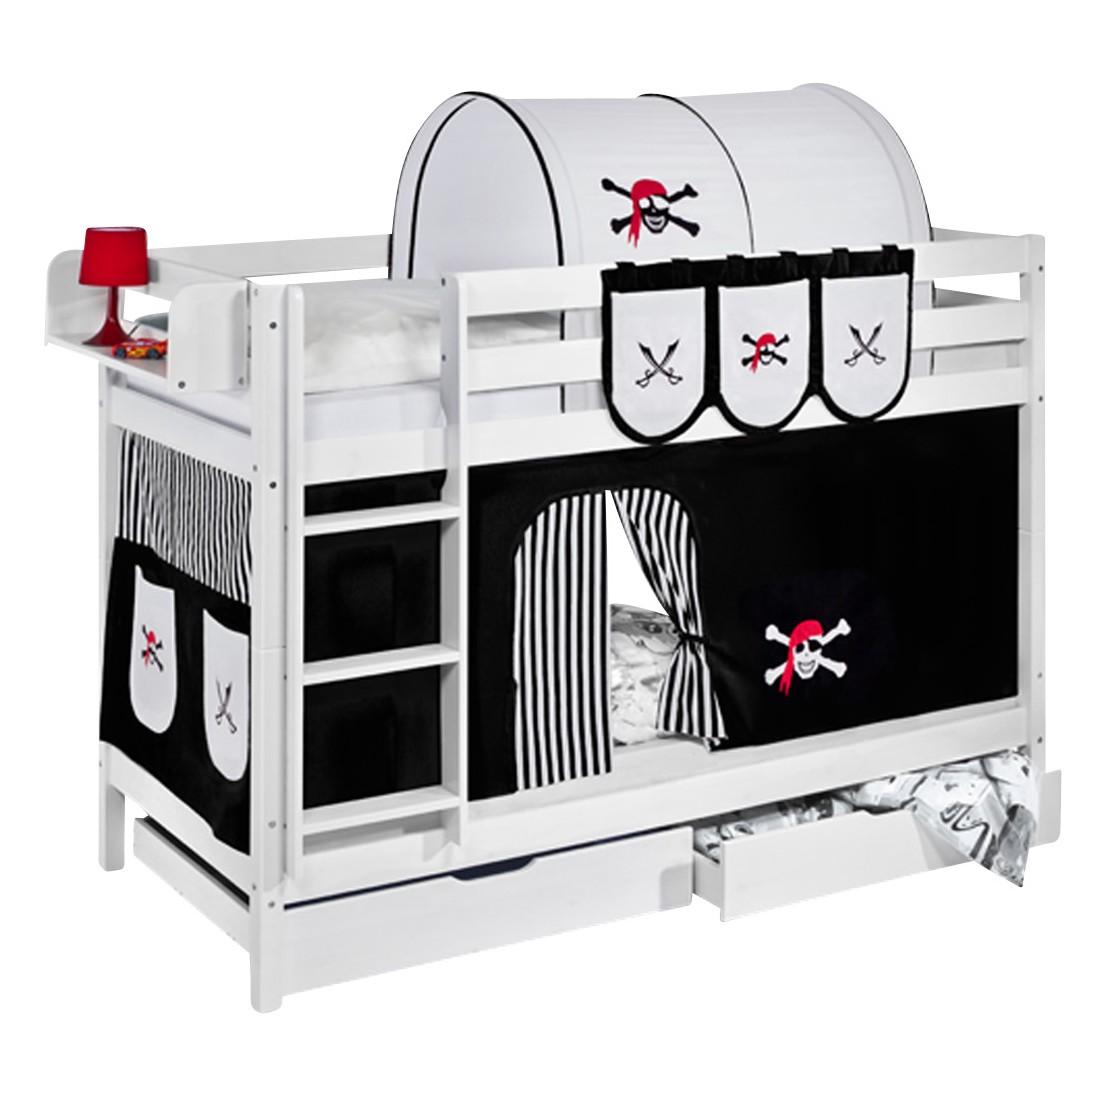 bett 90 x 190 wei preisvergleich die besten angebote online kaufen. Black Bedroom Furniture Sets. Home Design Ideas